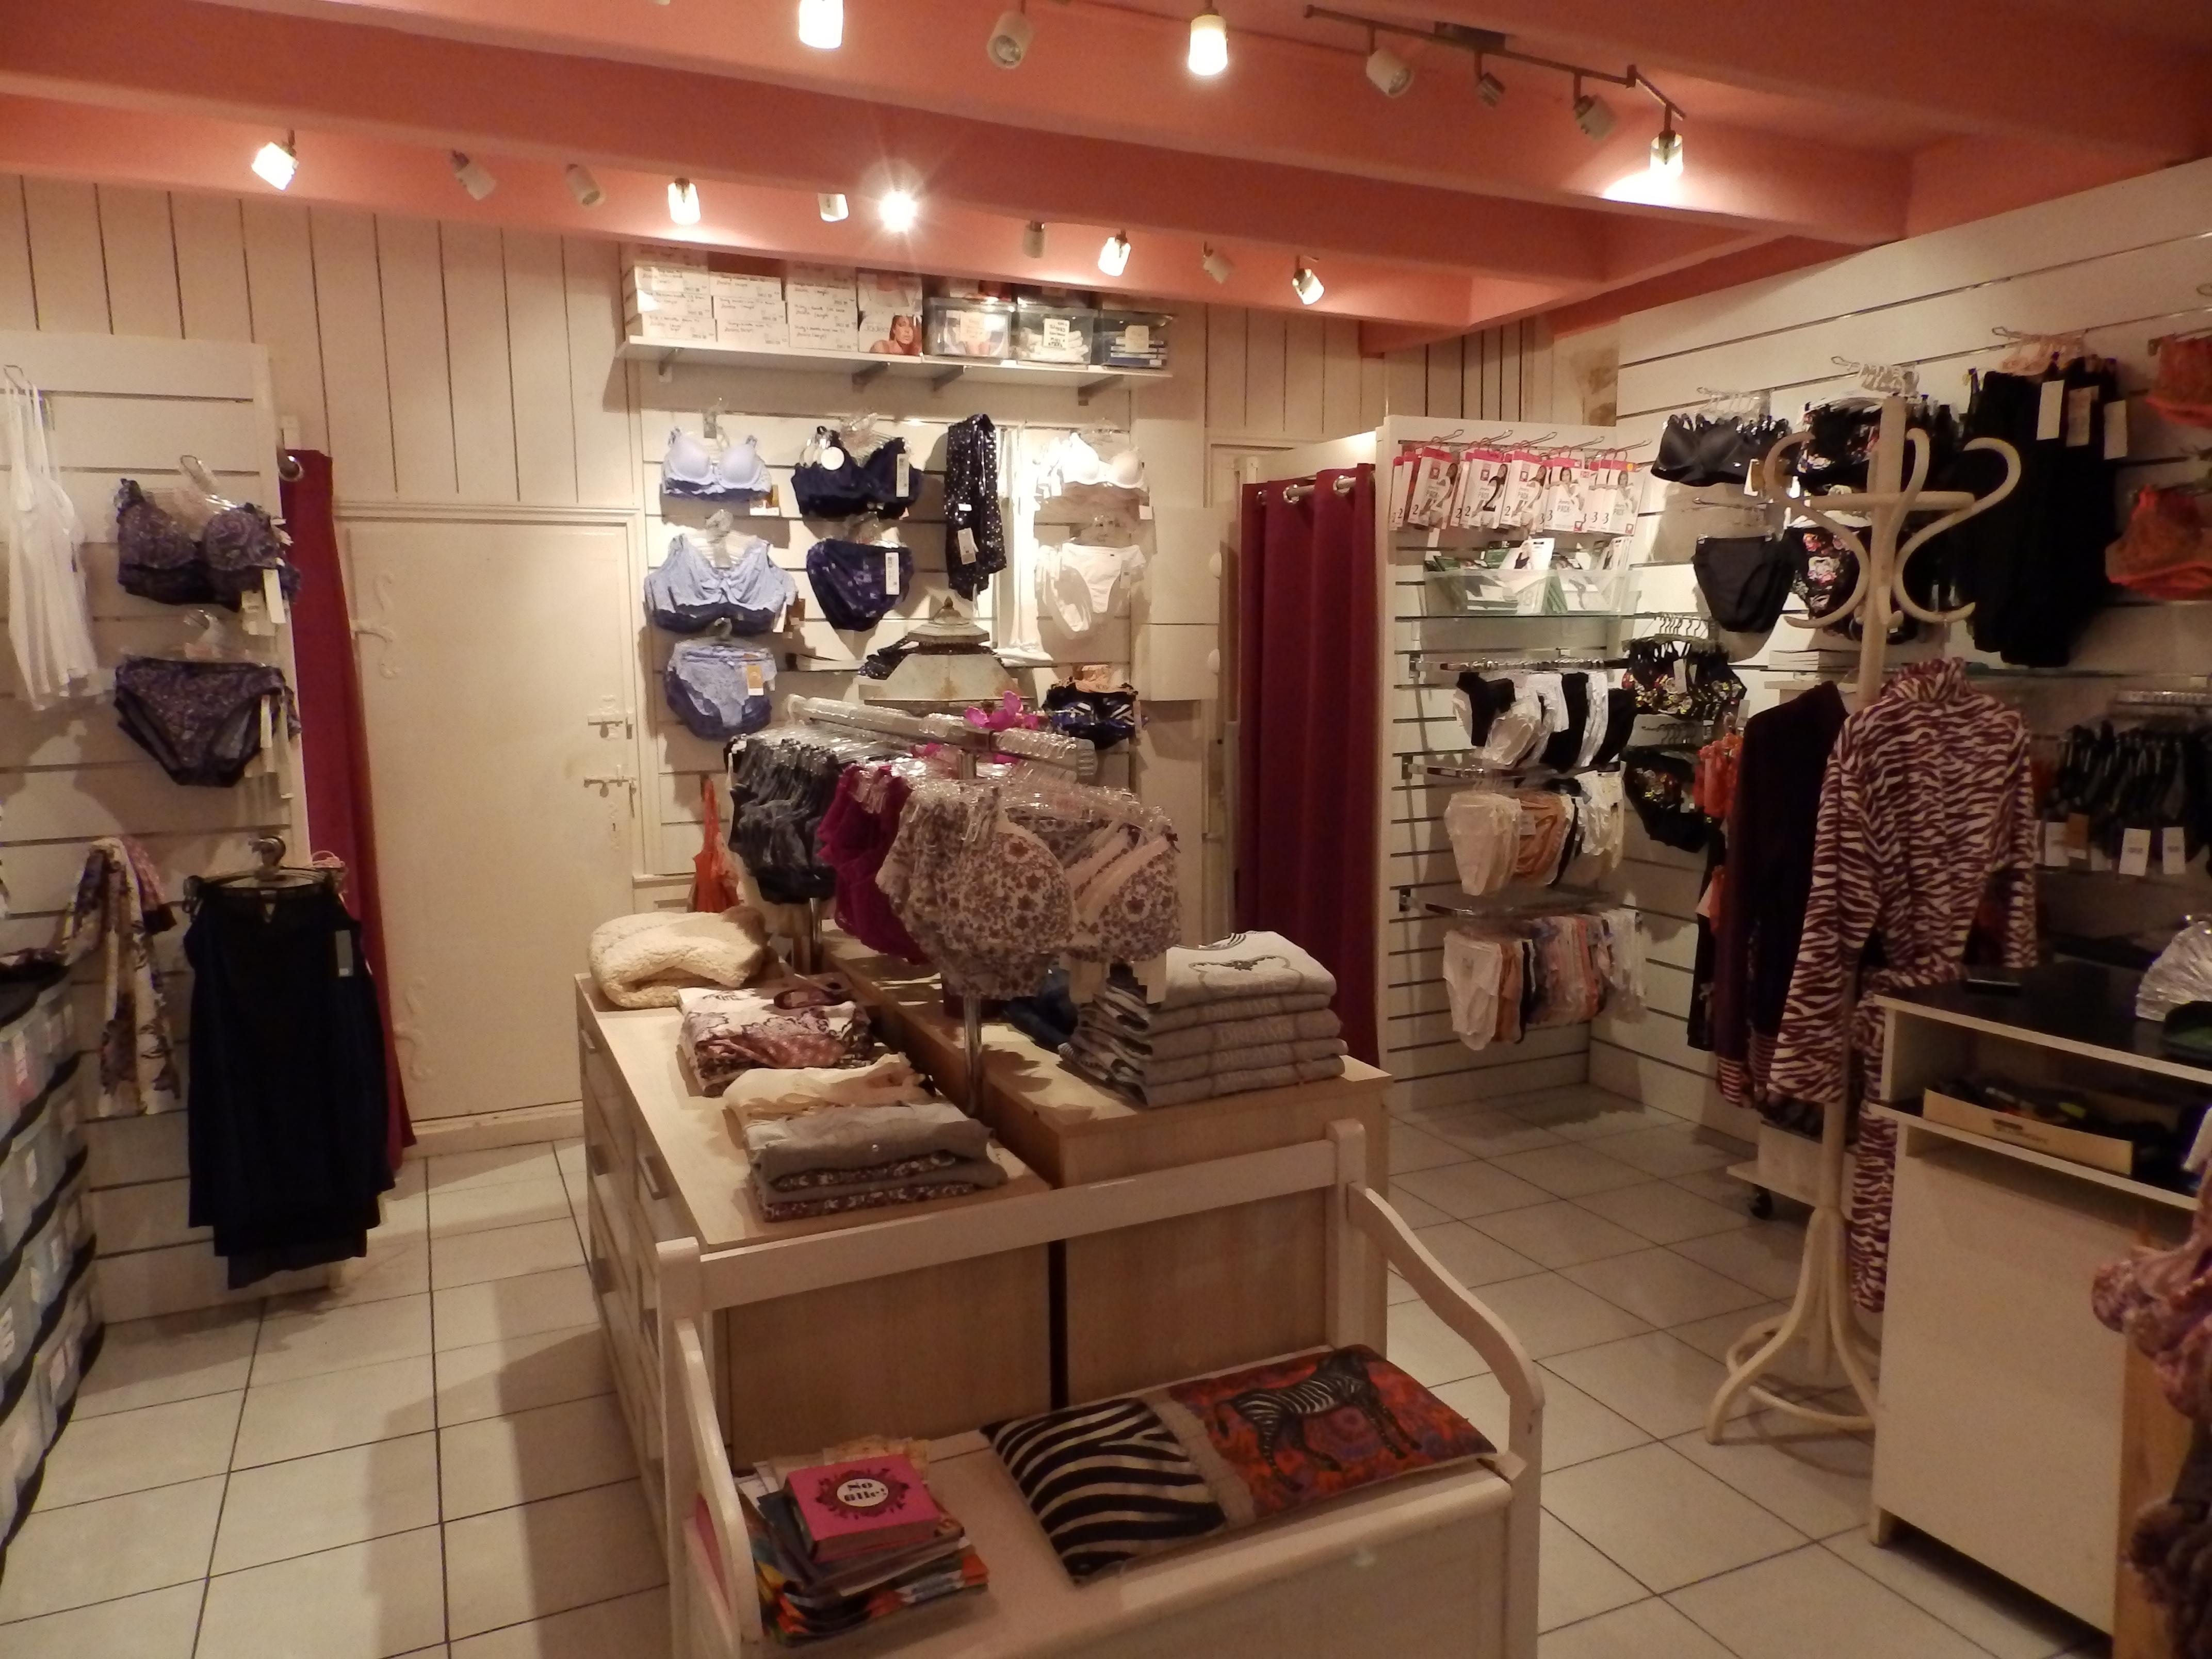 Interieure 2 magasin A fleur de Soi lingerie Guerande